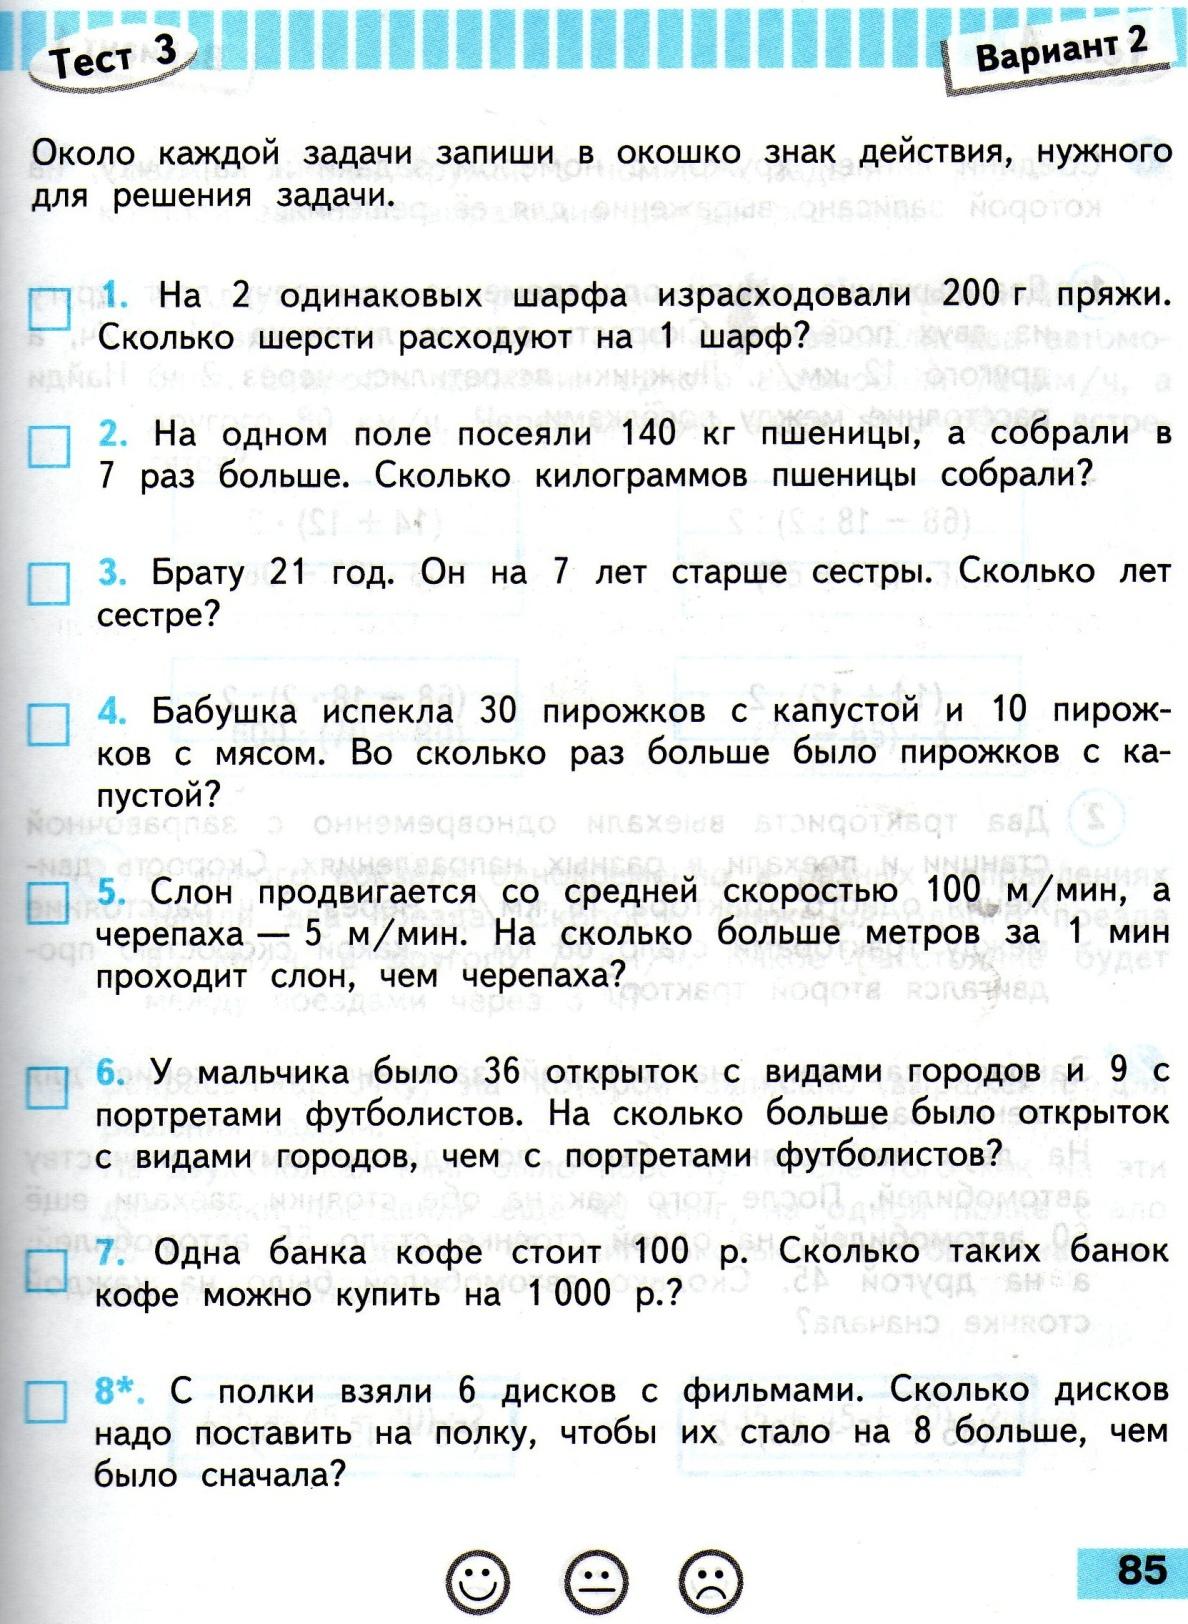 C:\Documents and Settings\Admin\Мои документы\Мои рисунки\1584.jpg